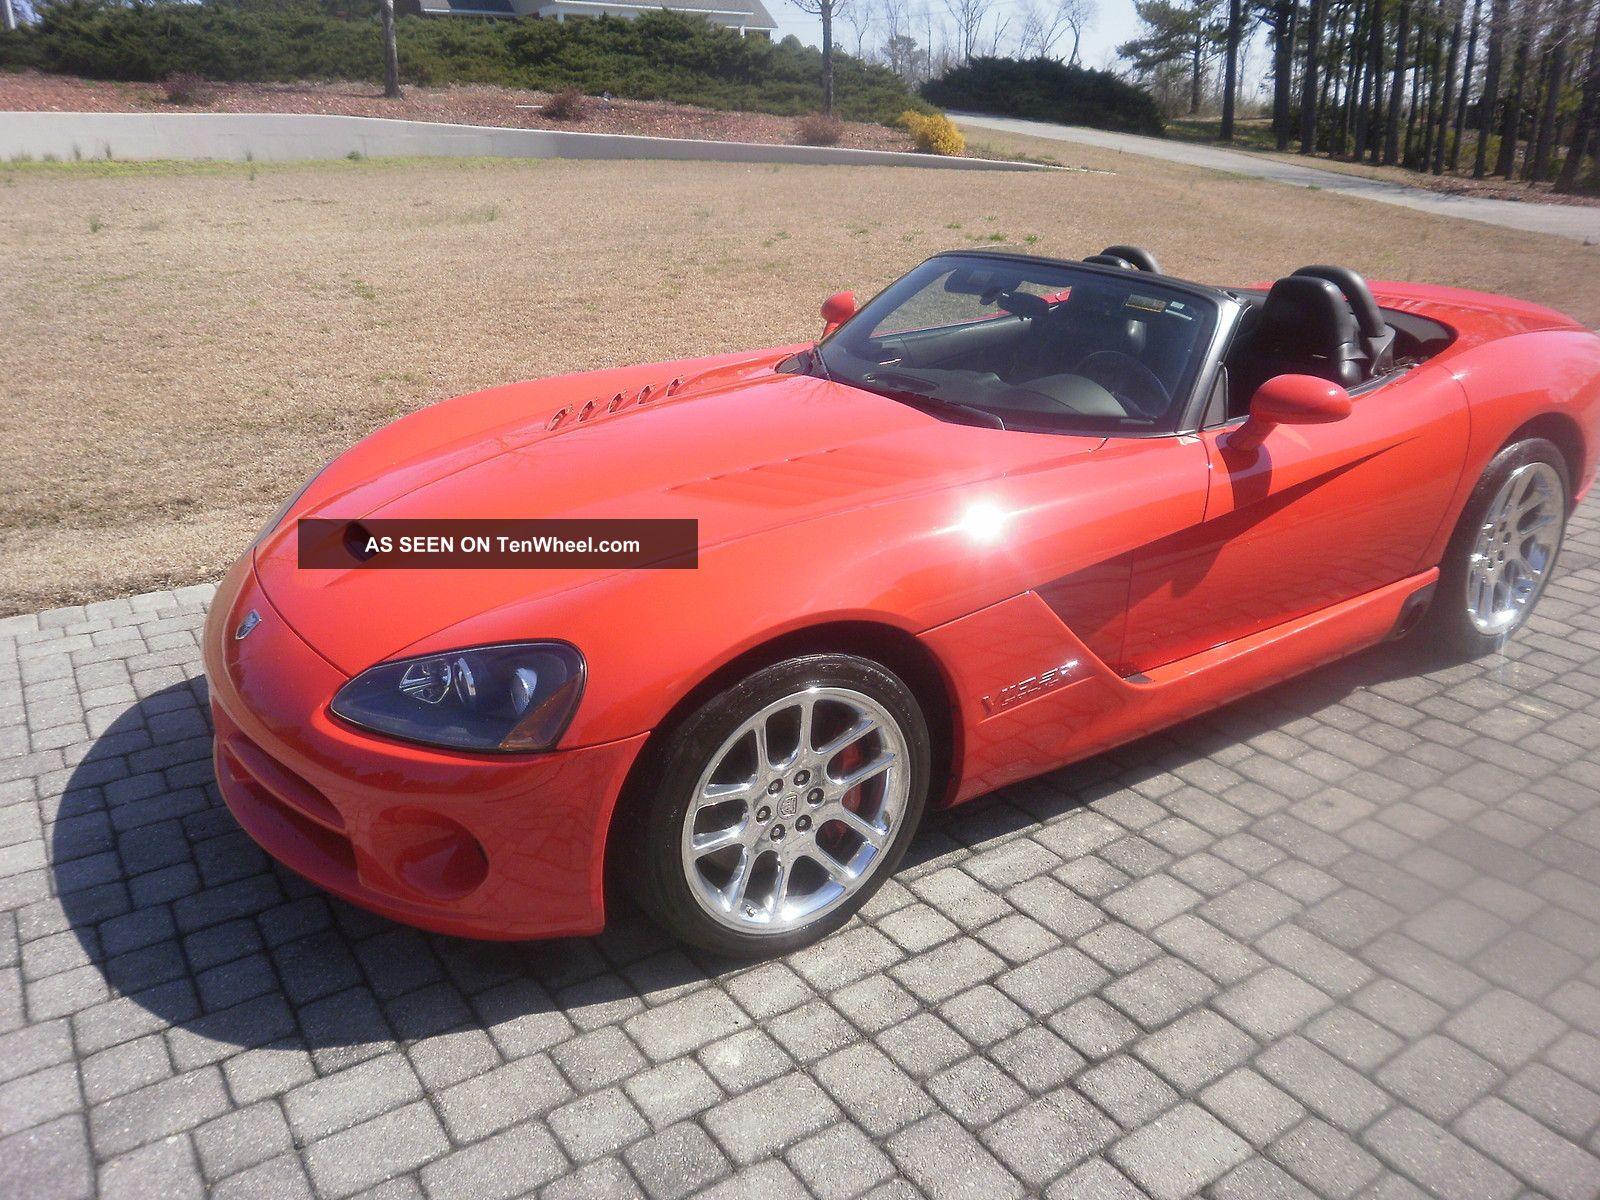 2004 Dodge Viper: Red,  37,  500 Mi, ,  Convertible, Viper photo